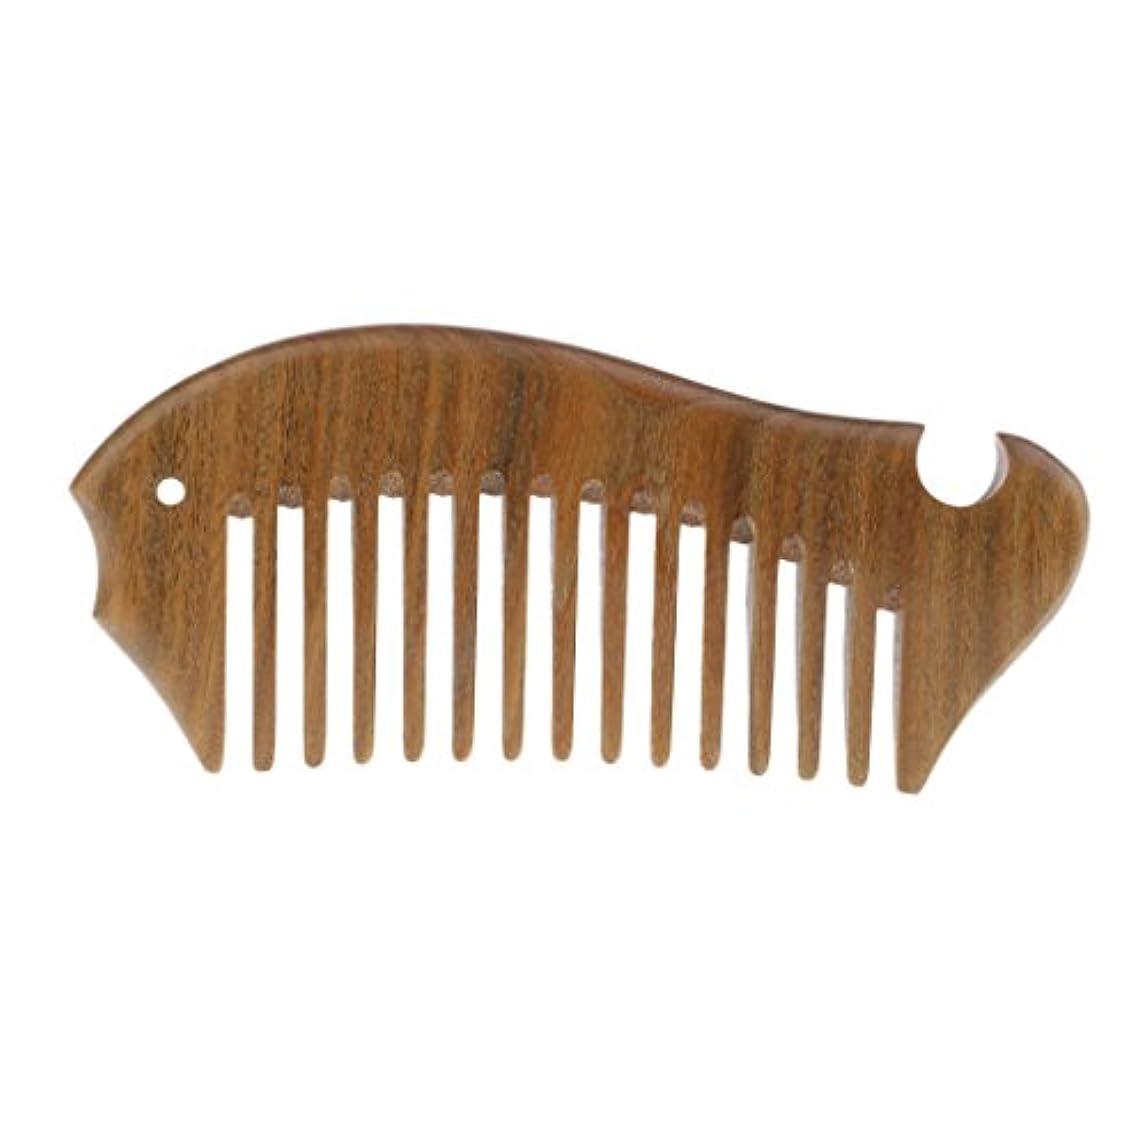 苦しむおそらく辛い木製櫛 帯電防止櫛 ヘアコーム 頭皮 ケア マッサージ